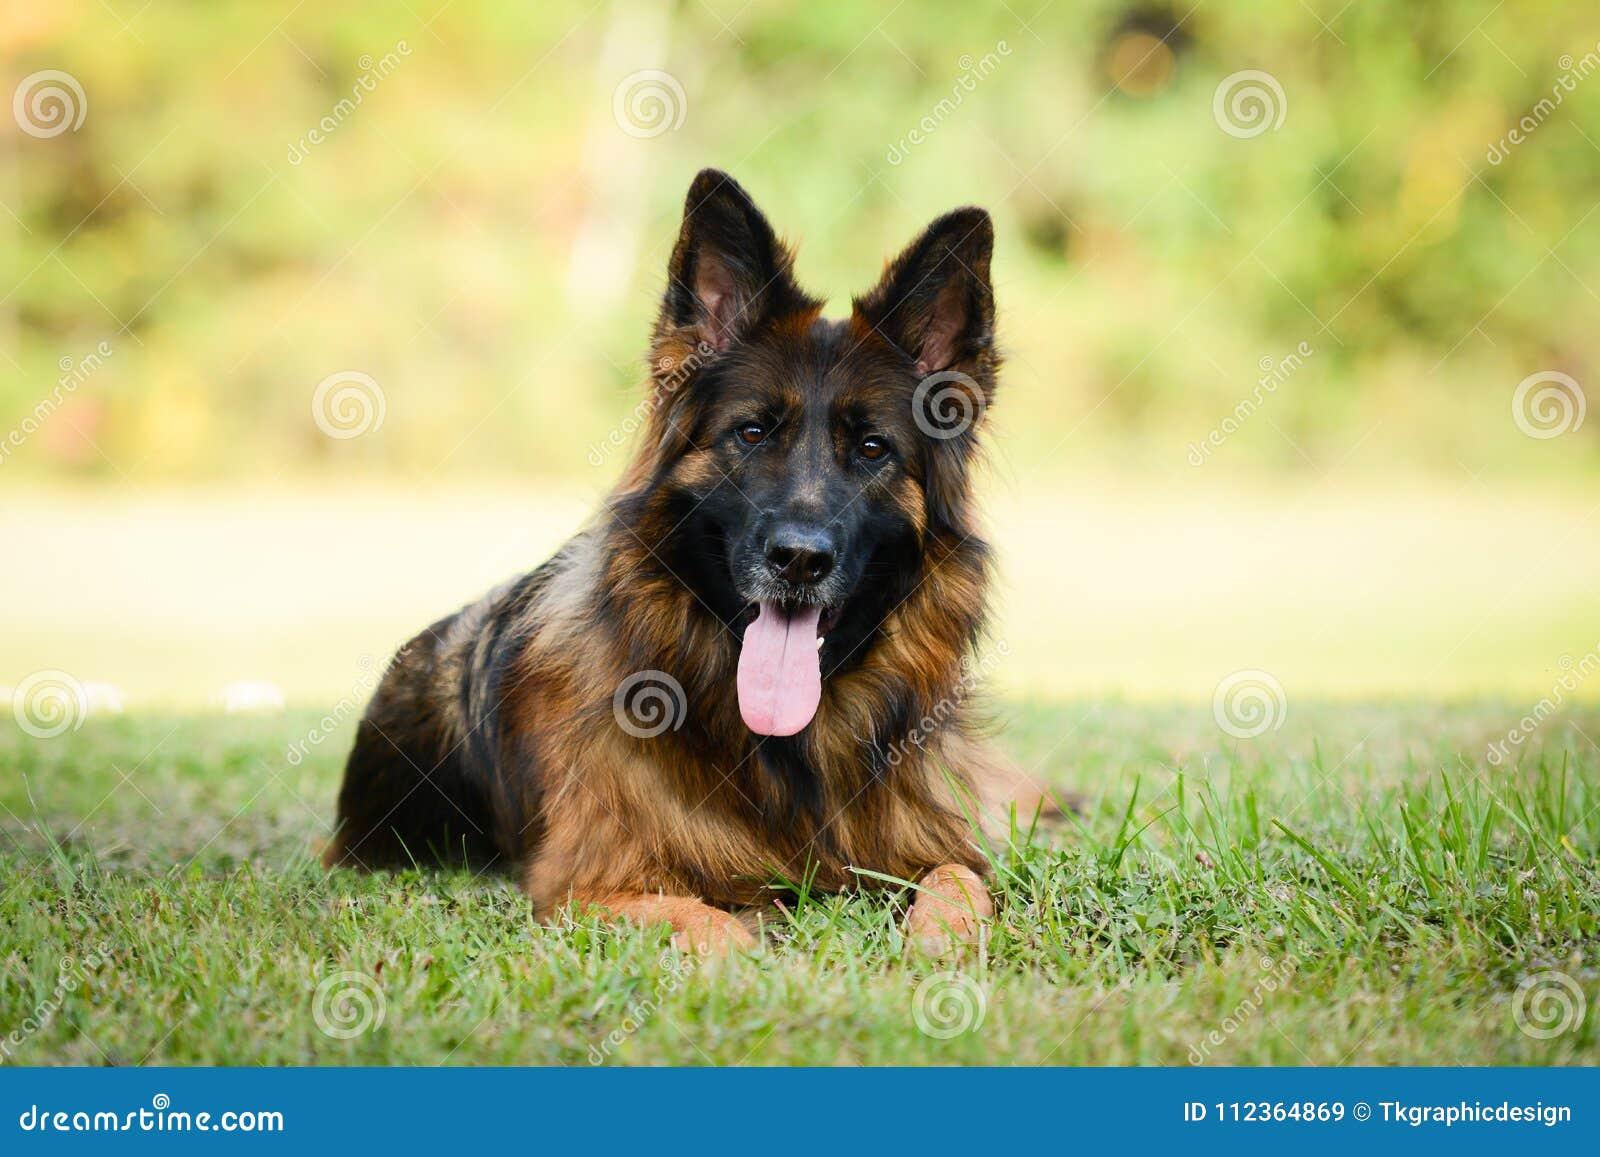 Langhaariger roter und schwarzer Schäferhundhund